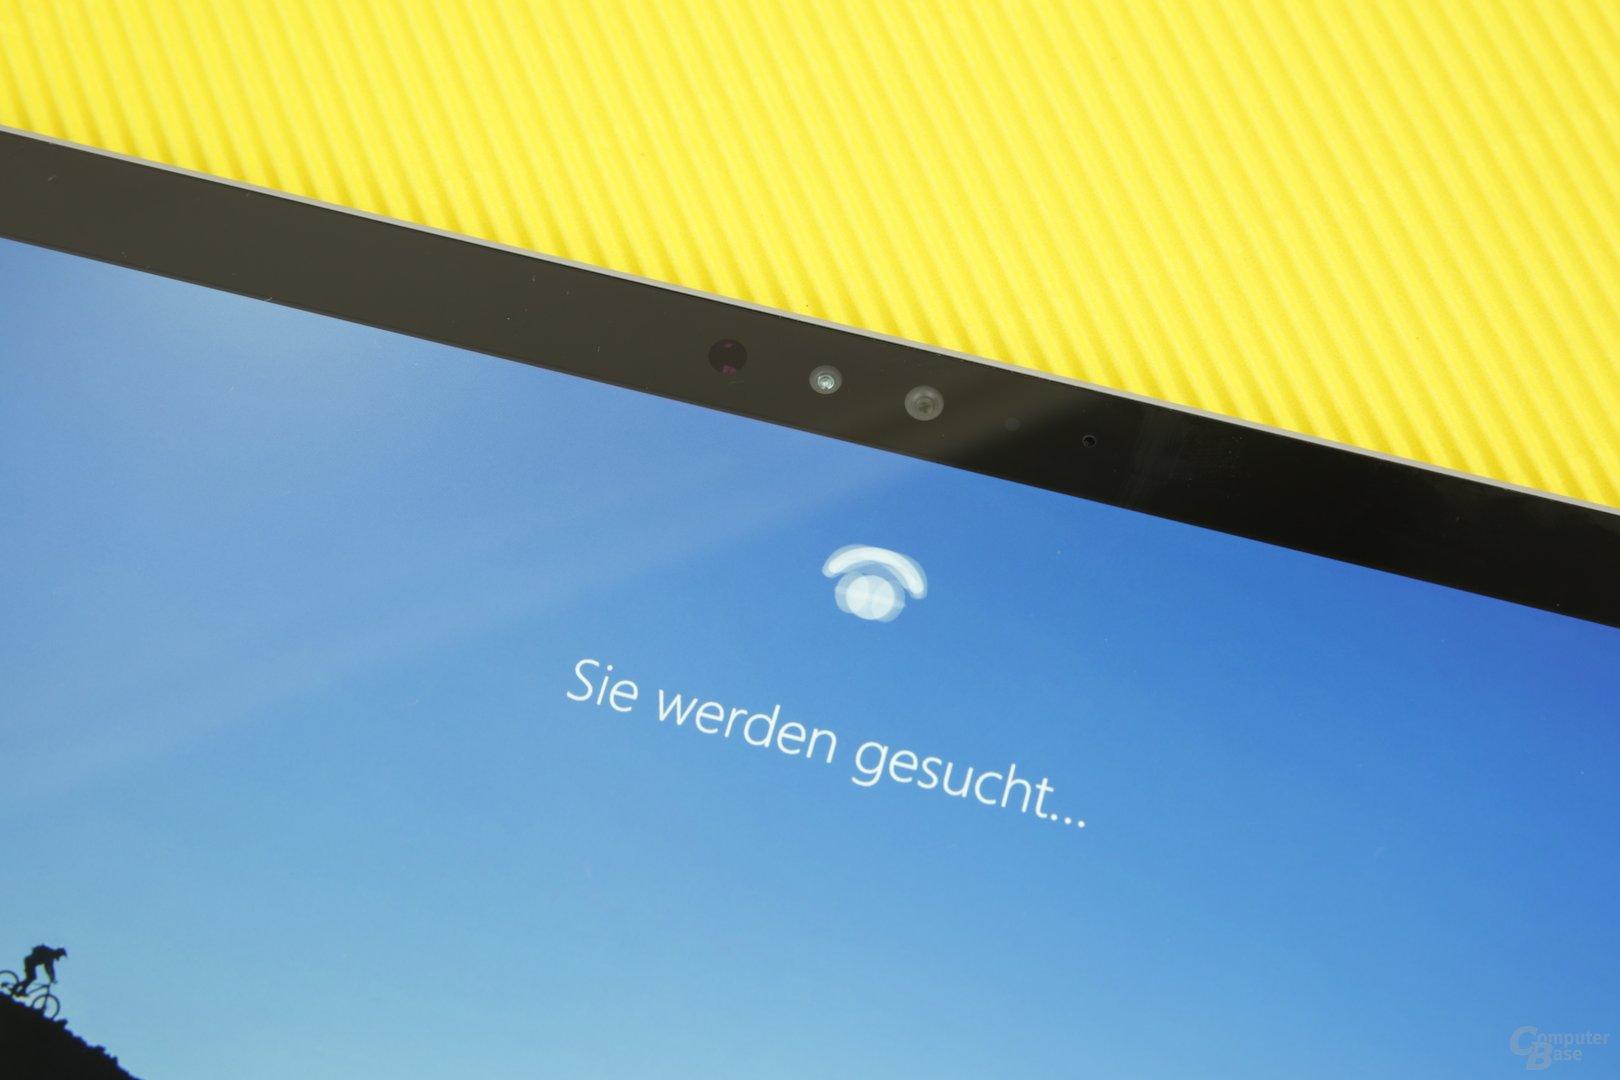 Nach Einrichtung sucht das gesperrte Surface Pro 4 nach dem Inhaber